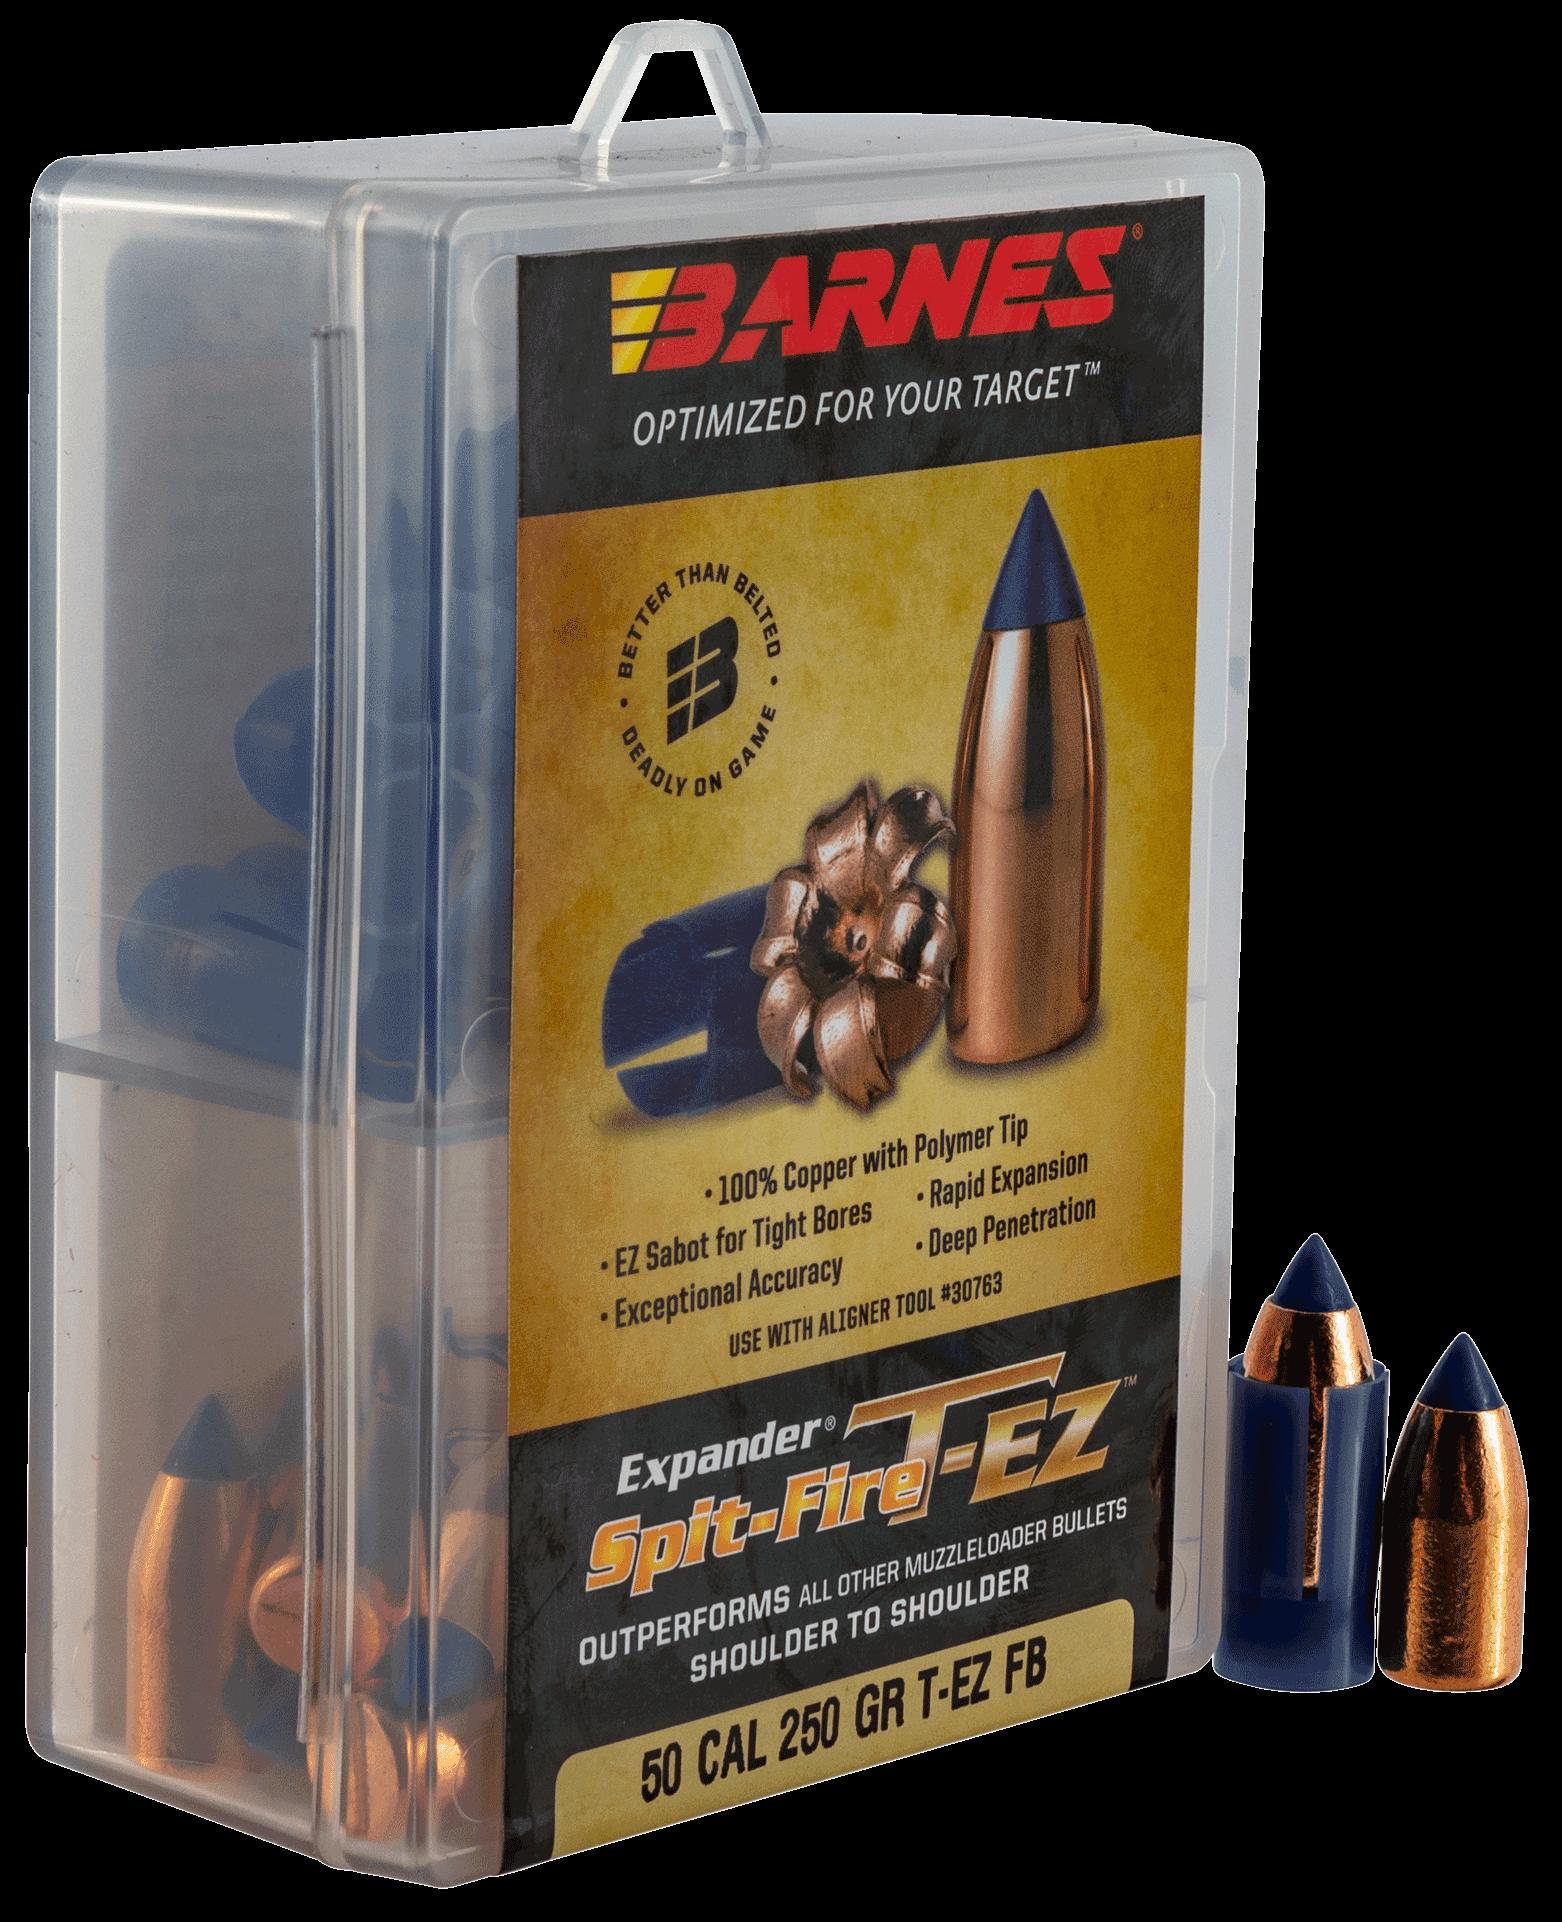 Barnes Bullets 30601 Spit-Fire T-EZ 50 Black Powder 250 GR ...